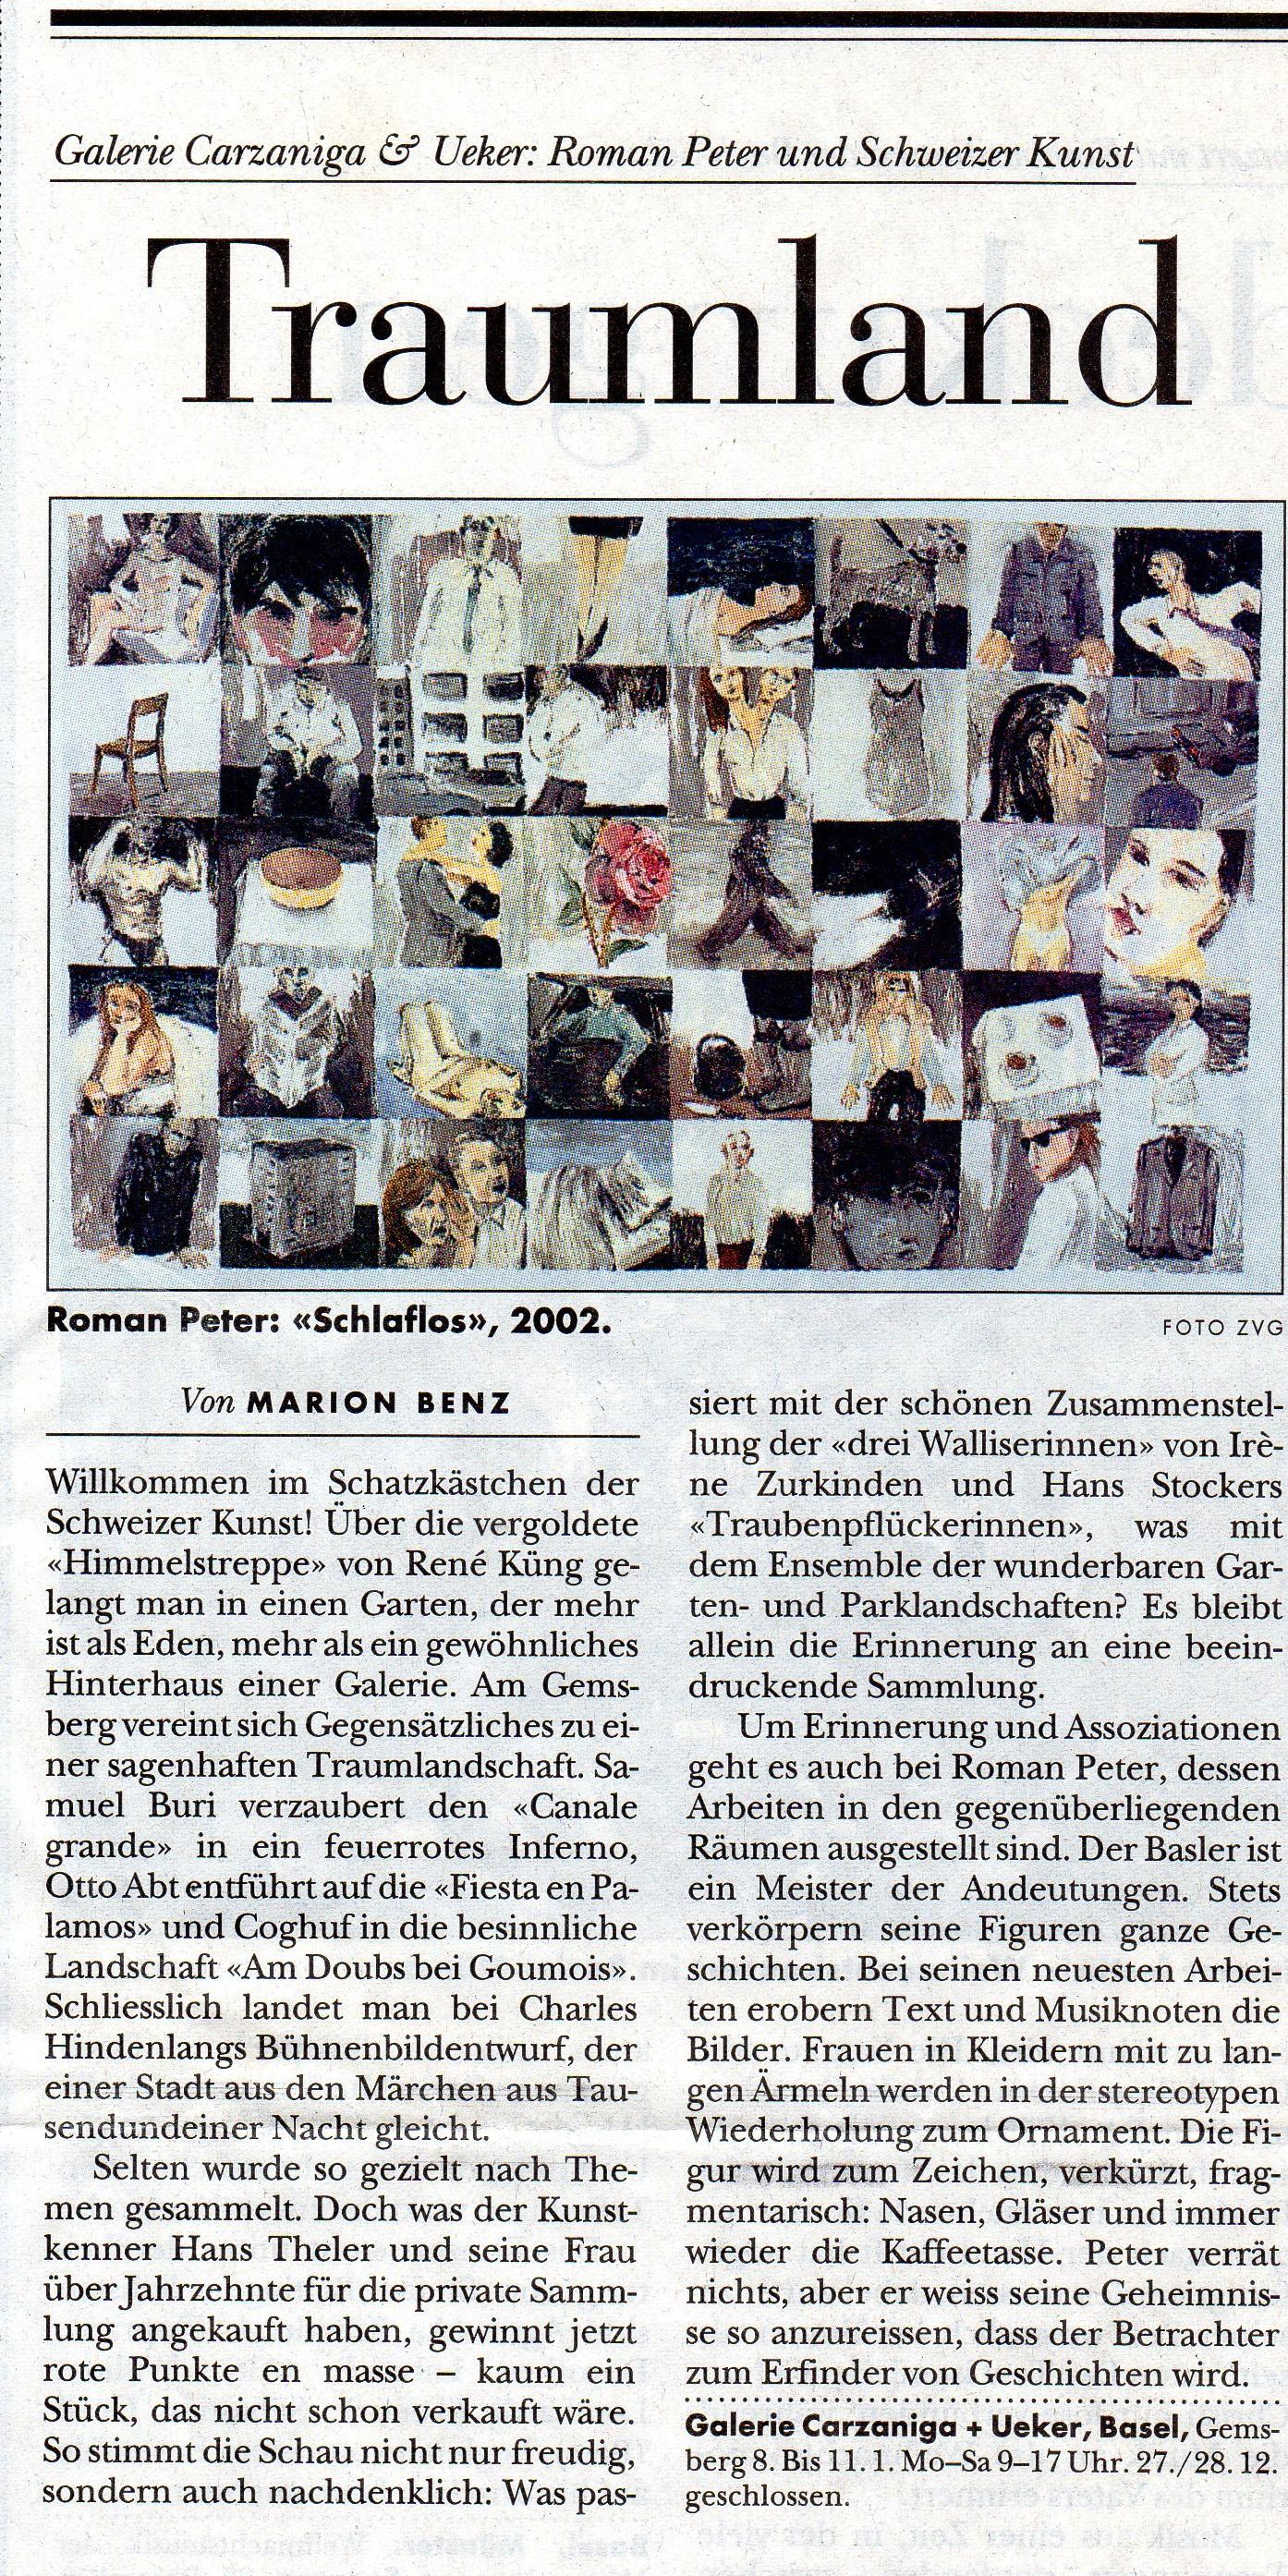 Dezember 2002, Basler Zeitung